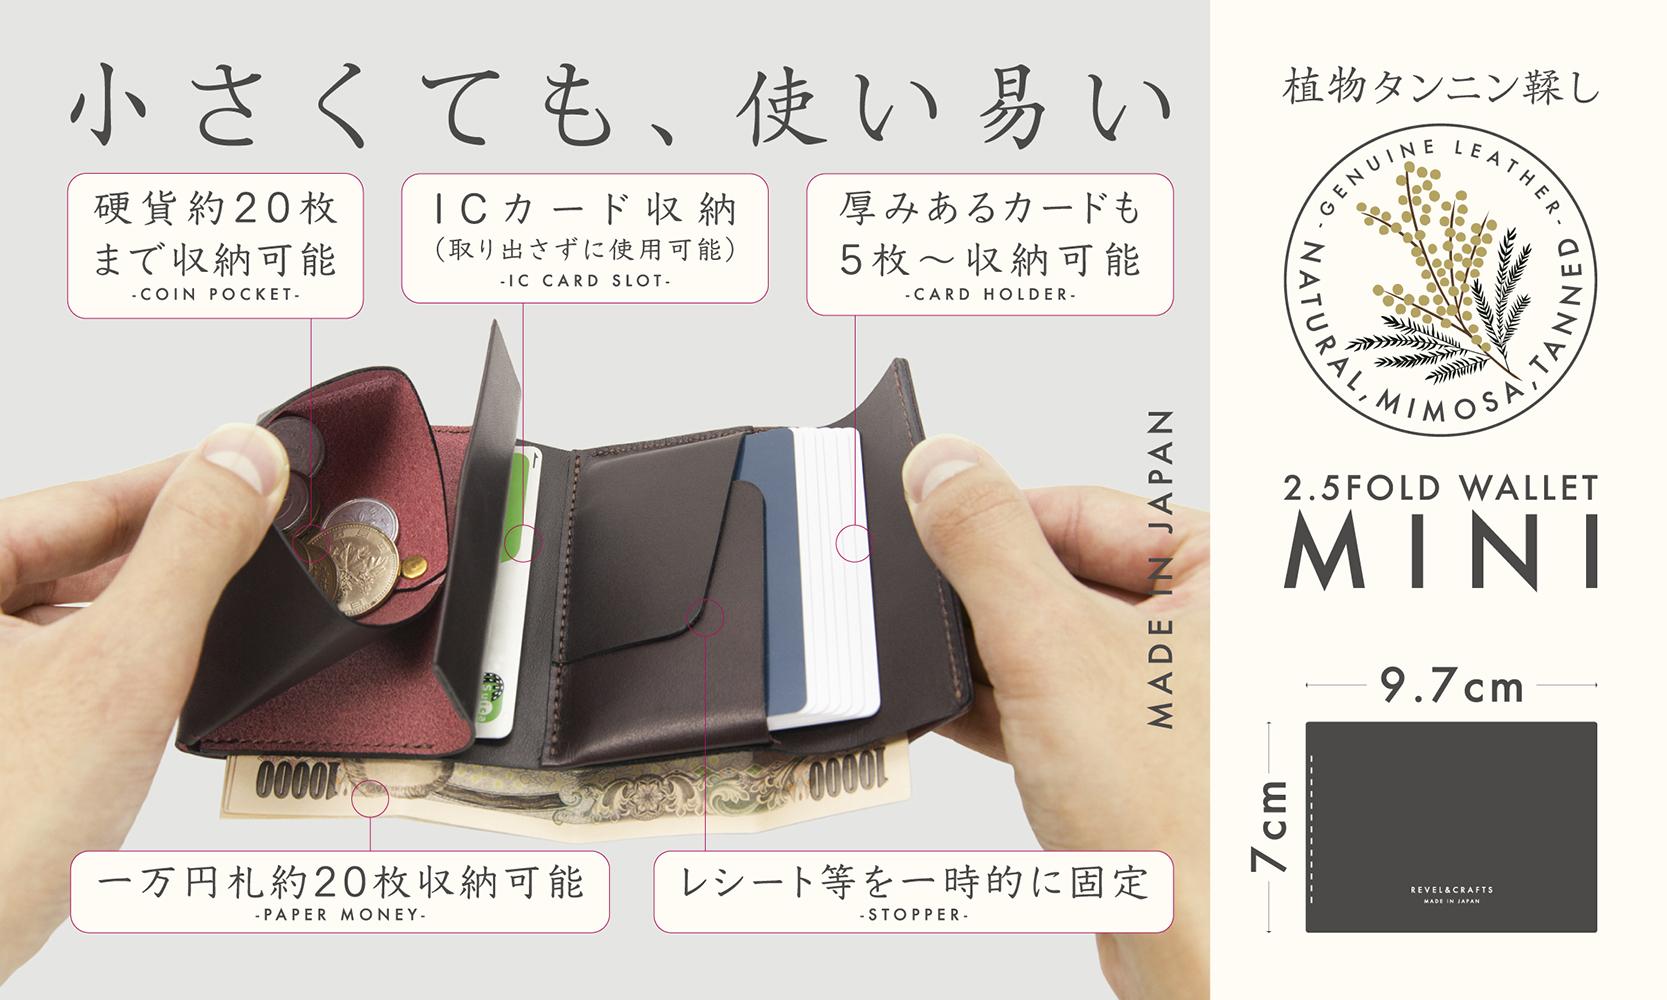 2.5折コンパクト財布 - MINI 2 グレー